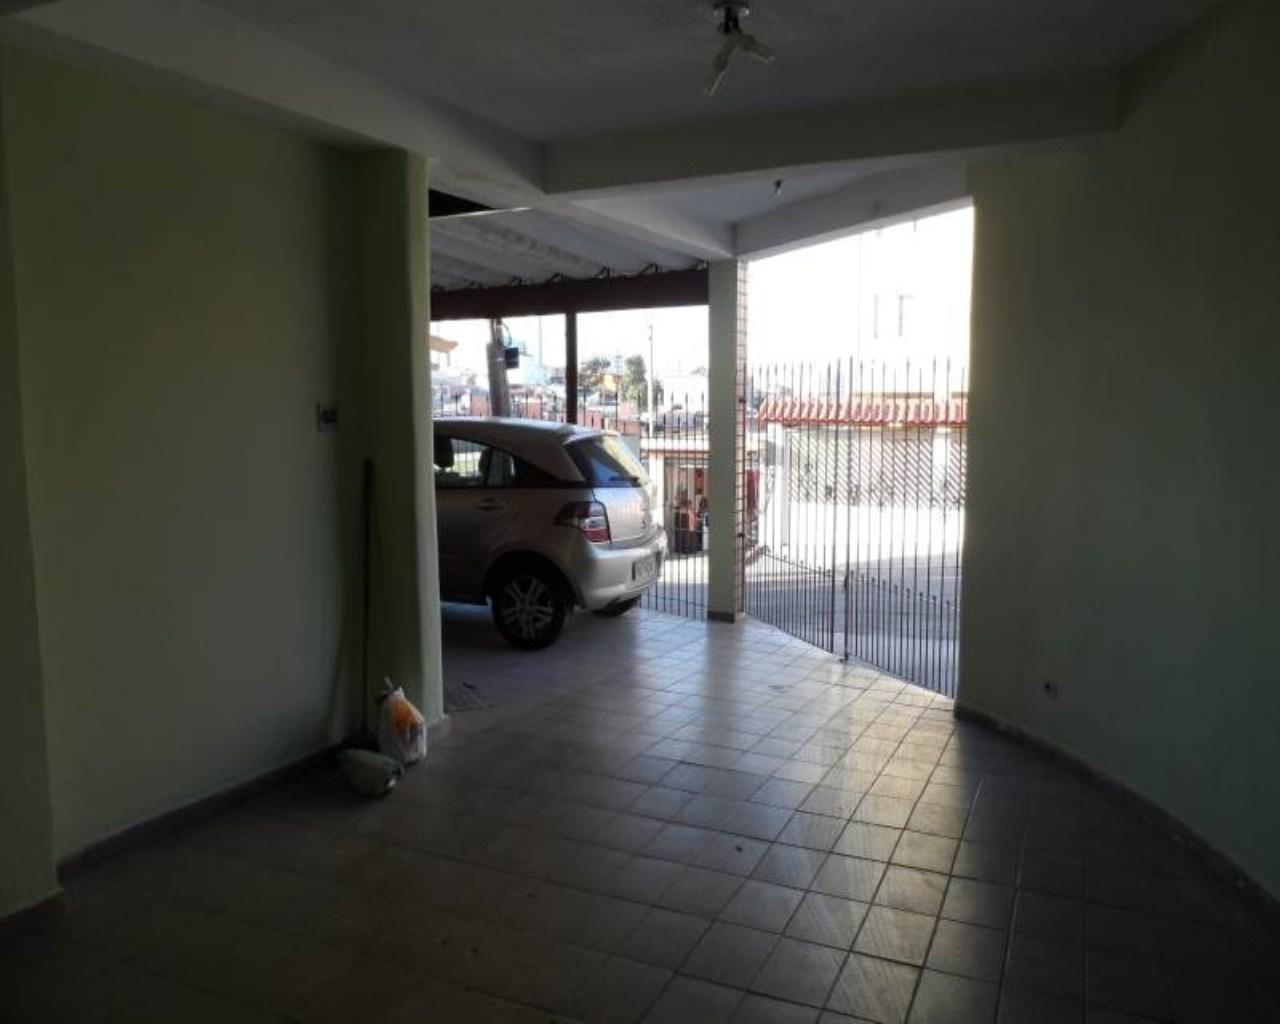 Sobrado residencial e comercial com 3 dormitórios em Guarulhos